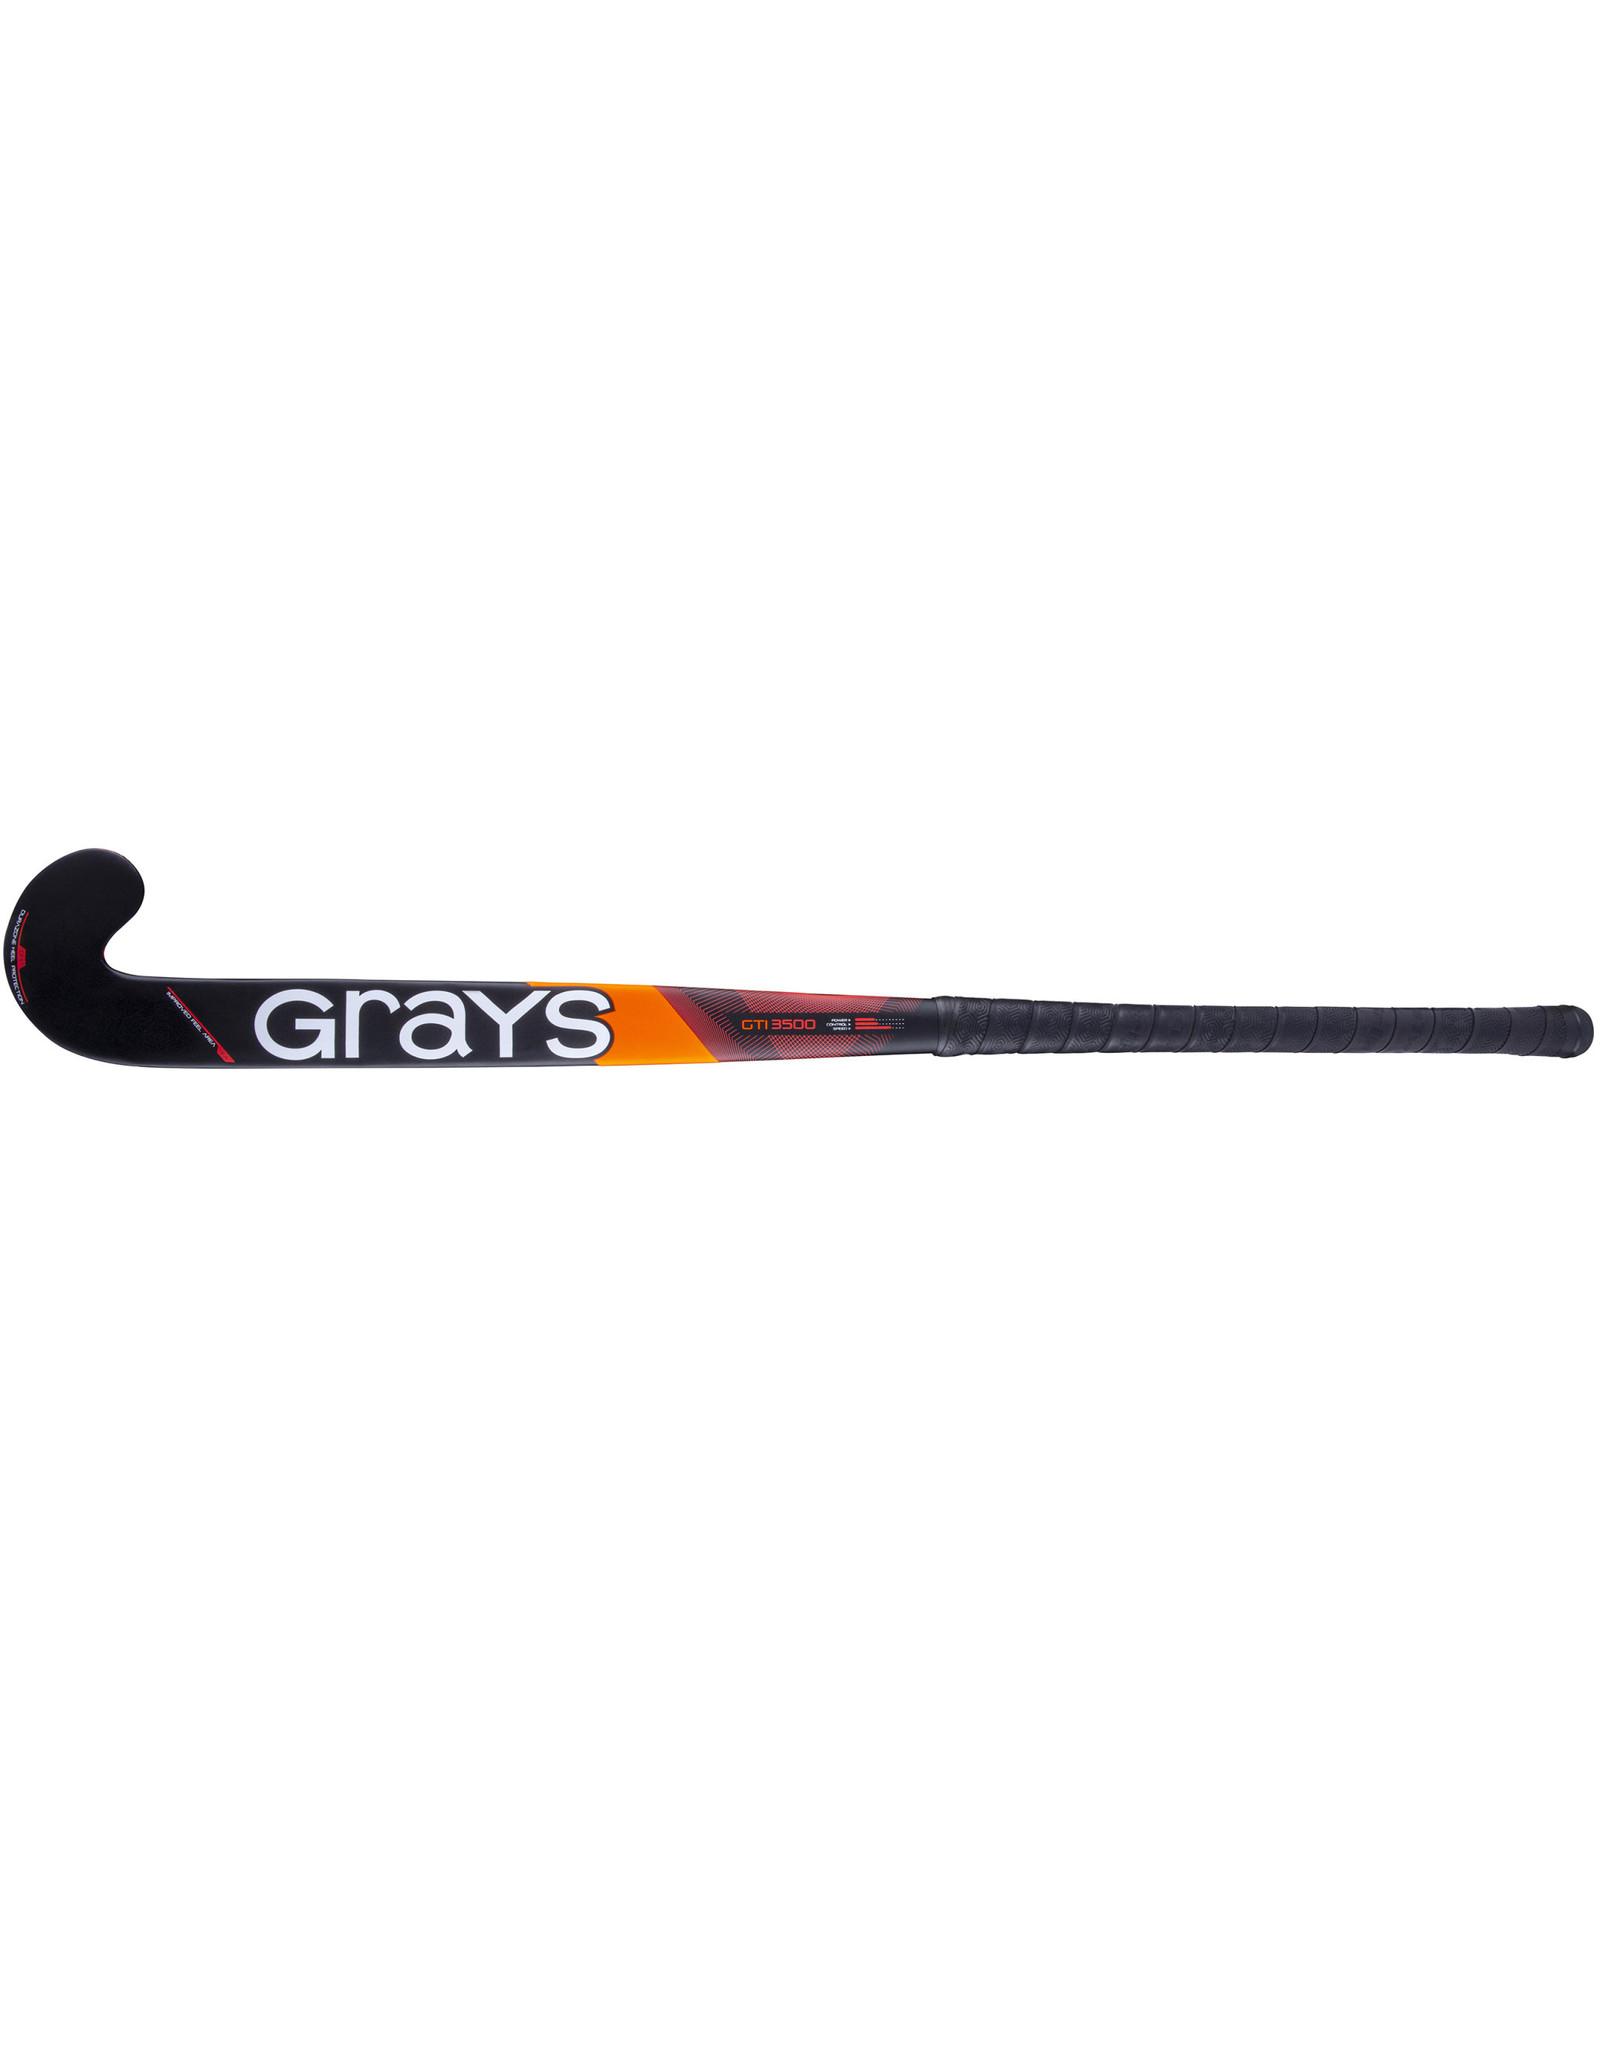 Grays STK GTI3500 DB